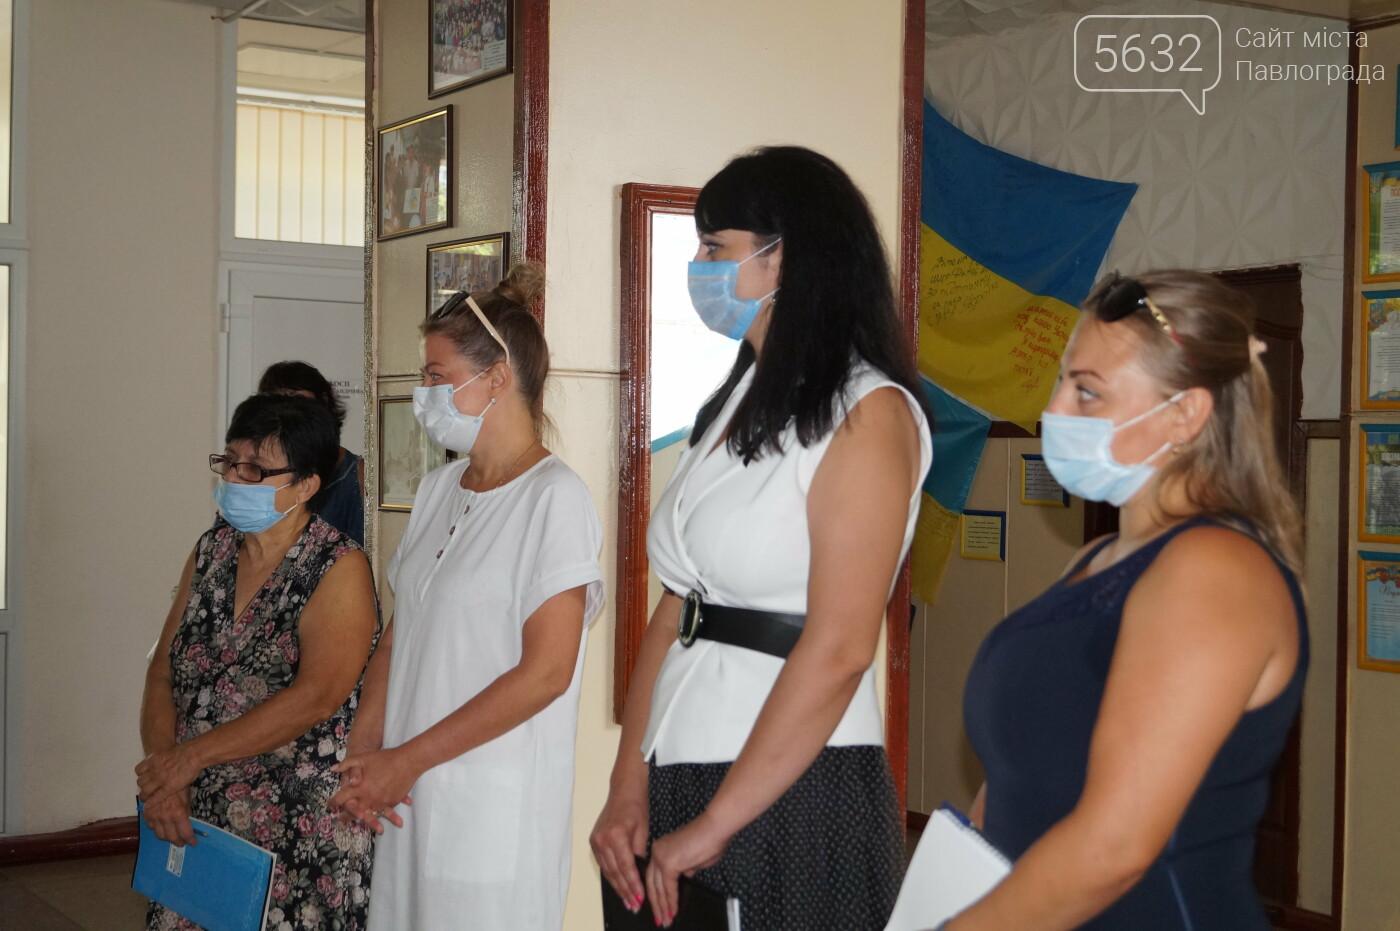 Санитайзеры и медицинские маски: как школы Павлограда готовятся к новому учебному году (ФОТО), фото-17